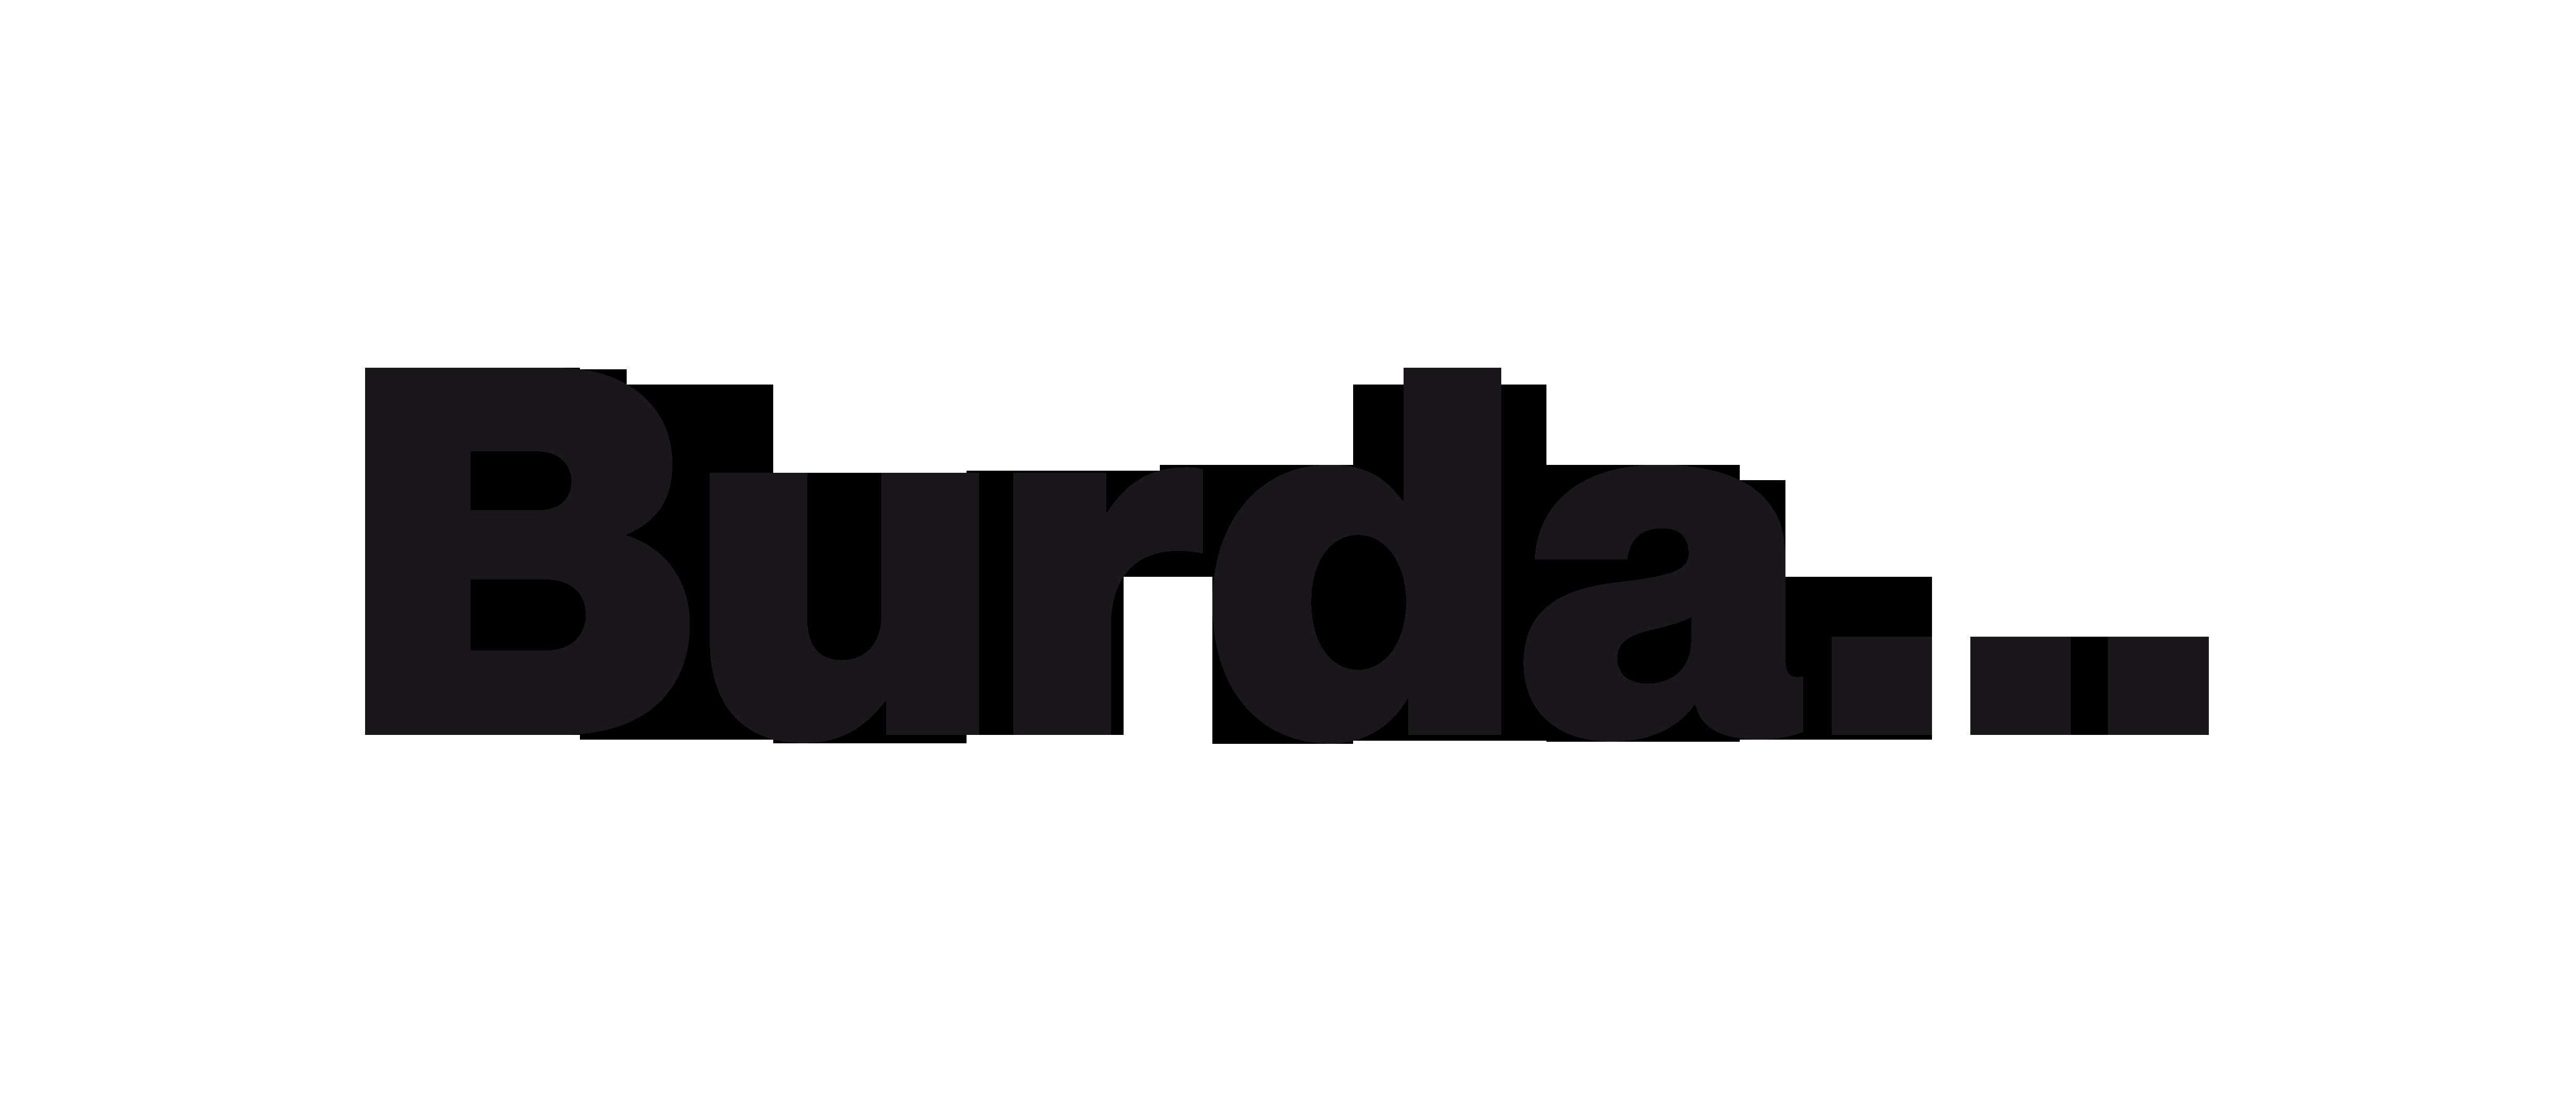 """Лого Burda: """"Hubert Burda Media"""""""